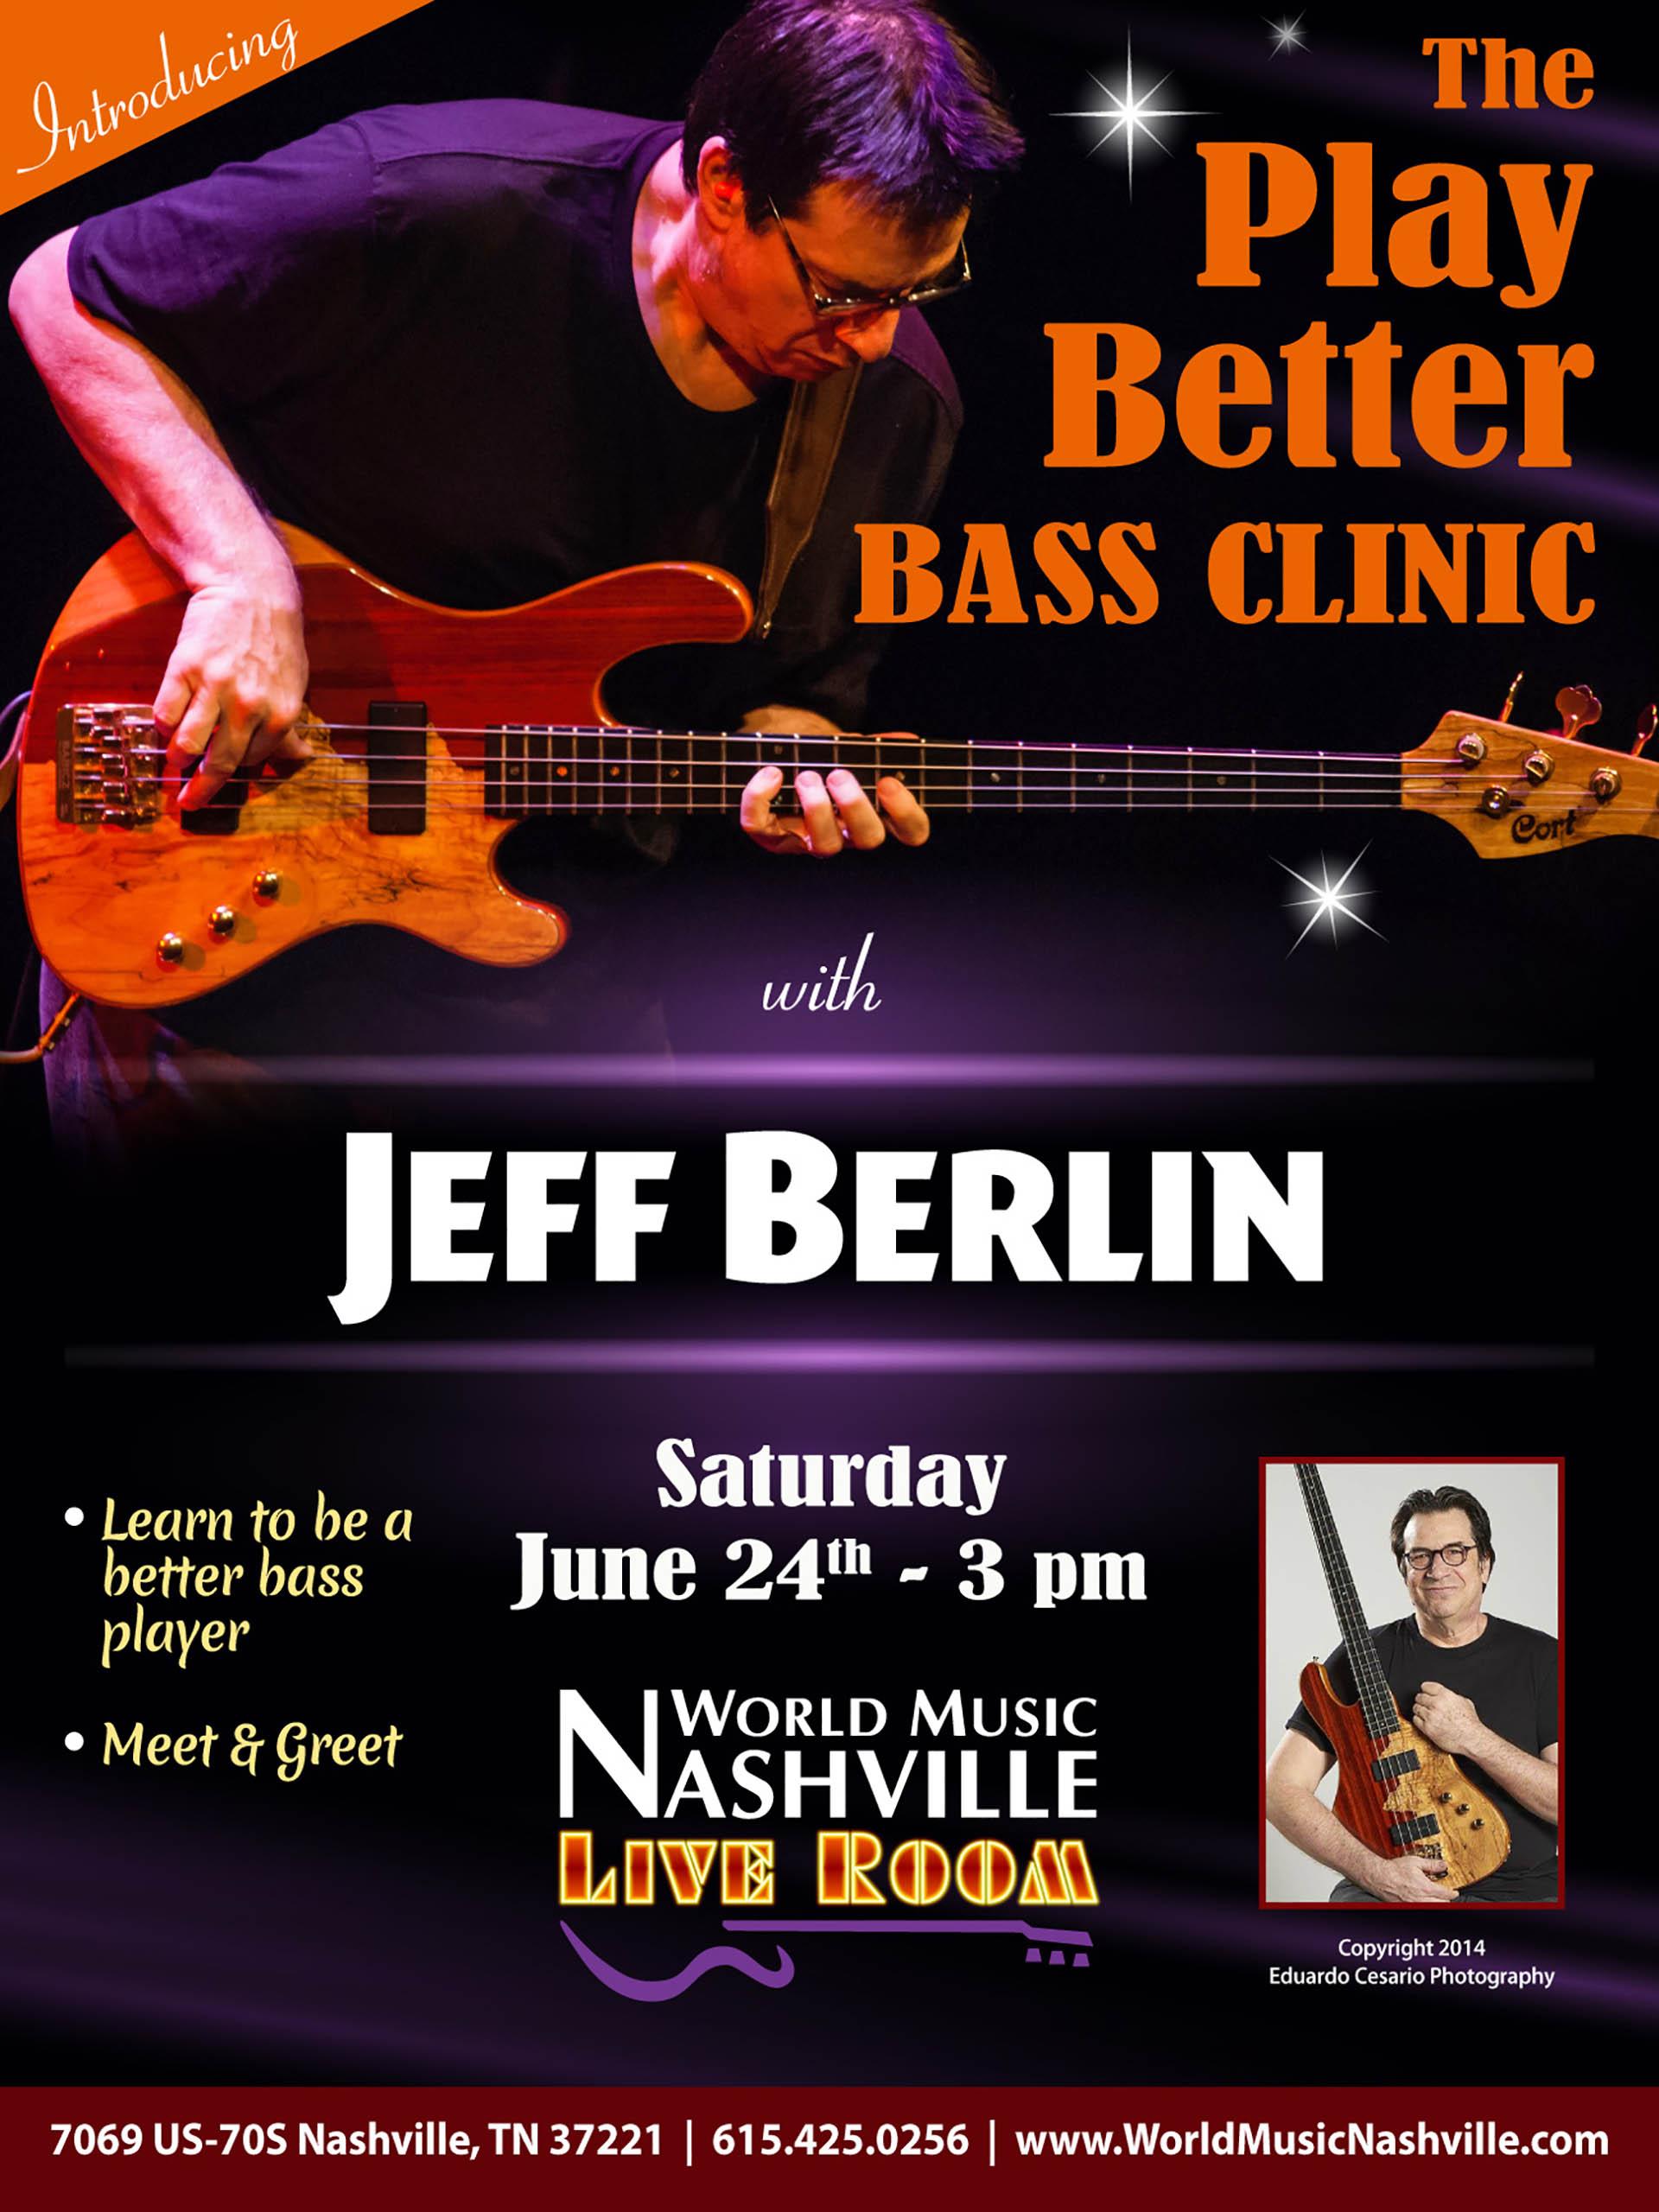 Jeff-Berlin-Be-A-Better-Bass-Player-18x24-poster-v2.2